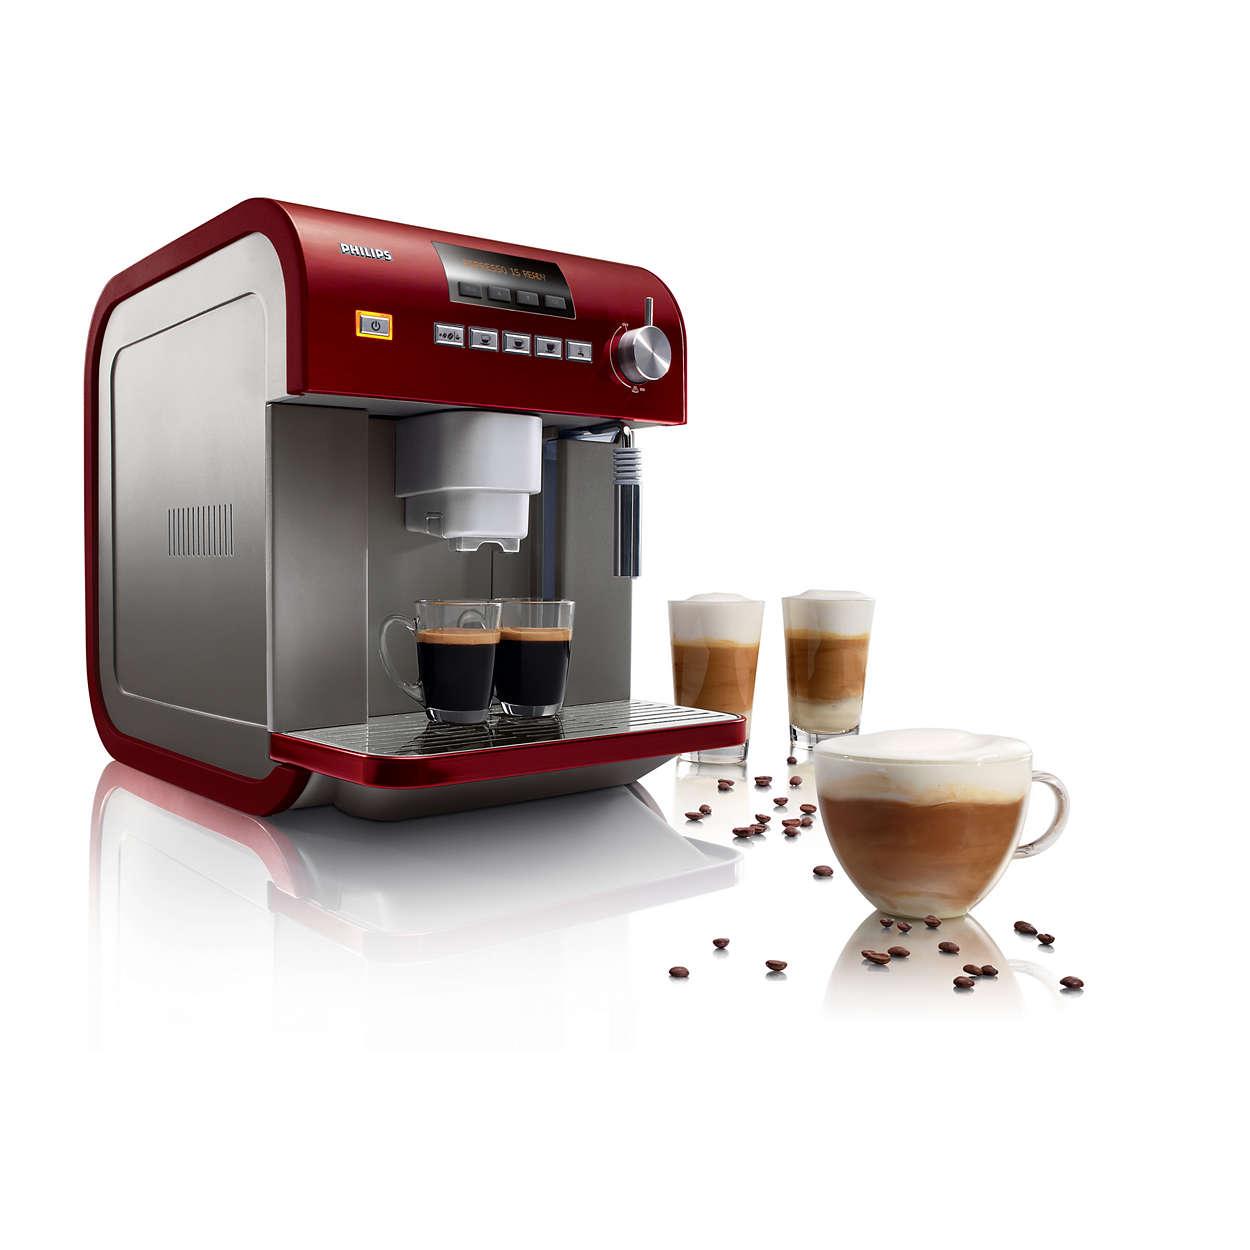 En perfekt kopp kaffe